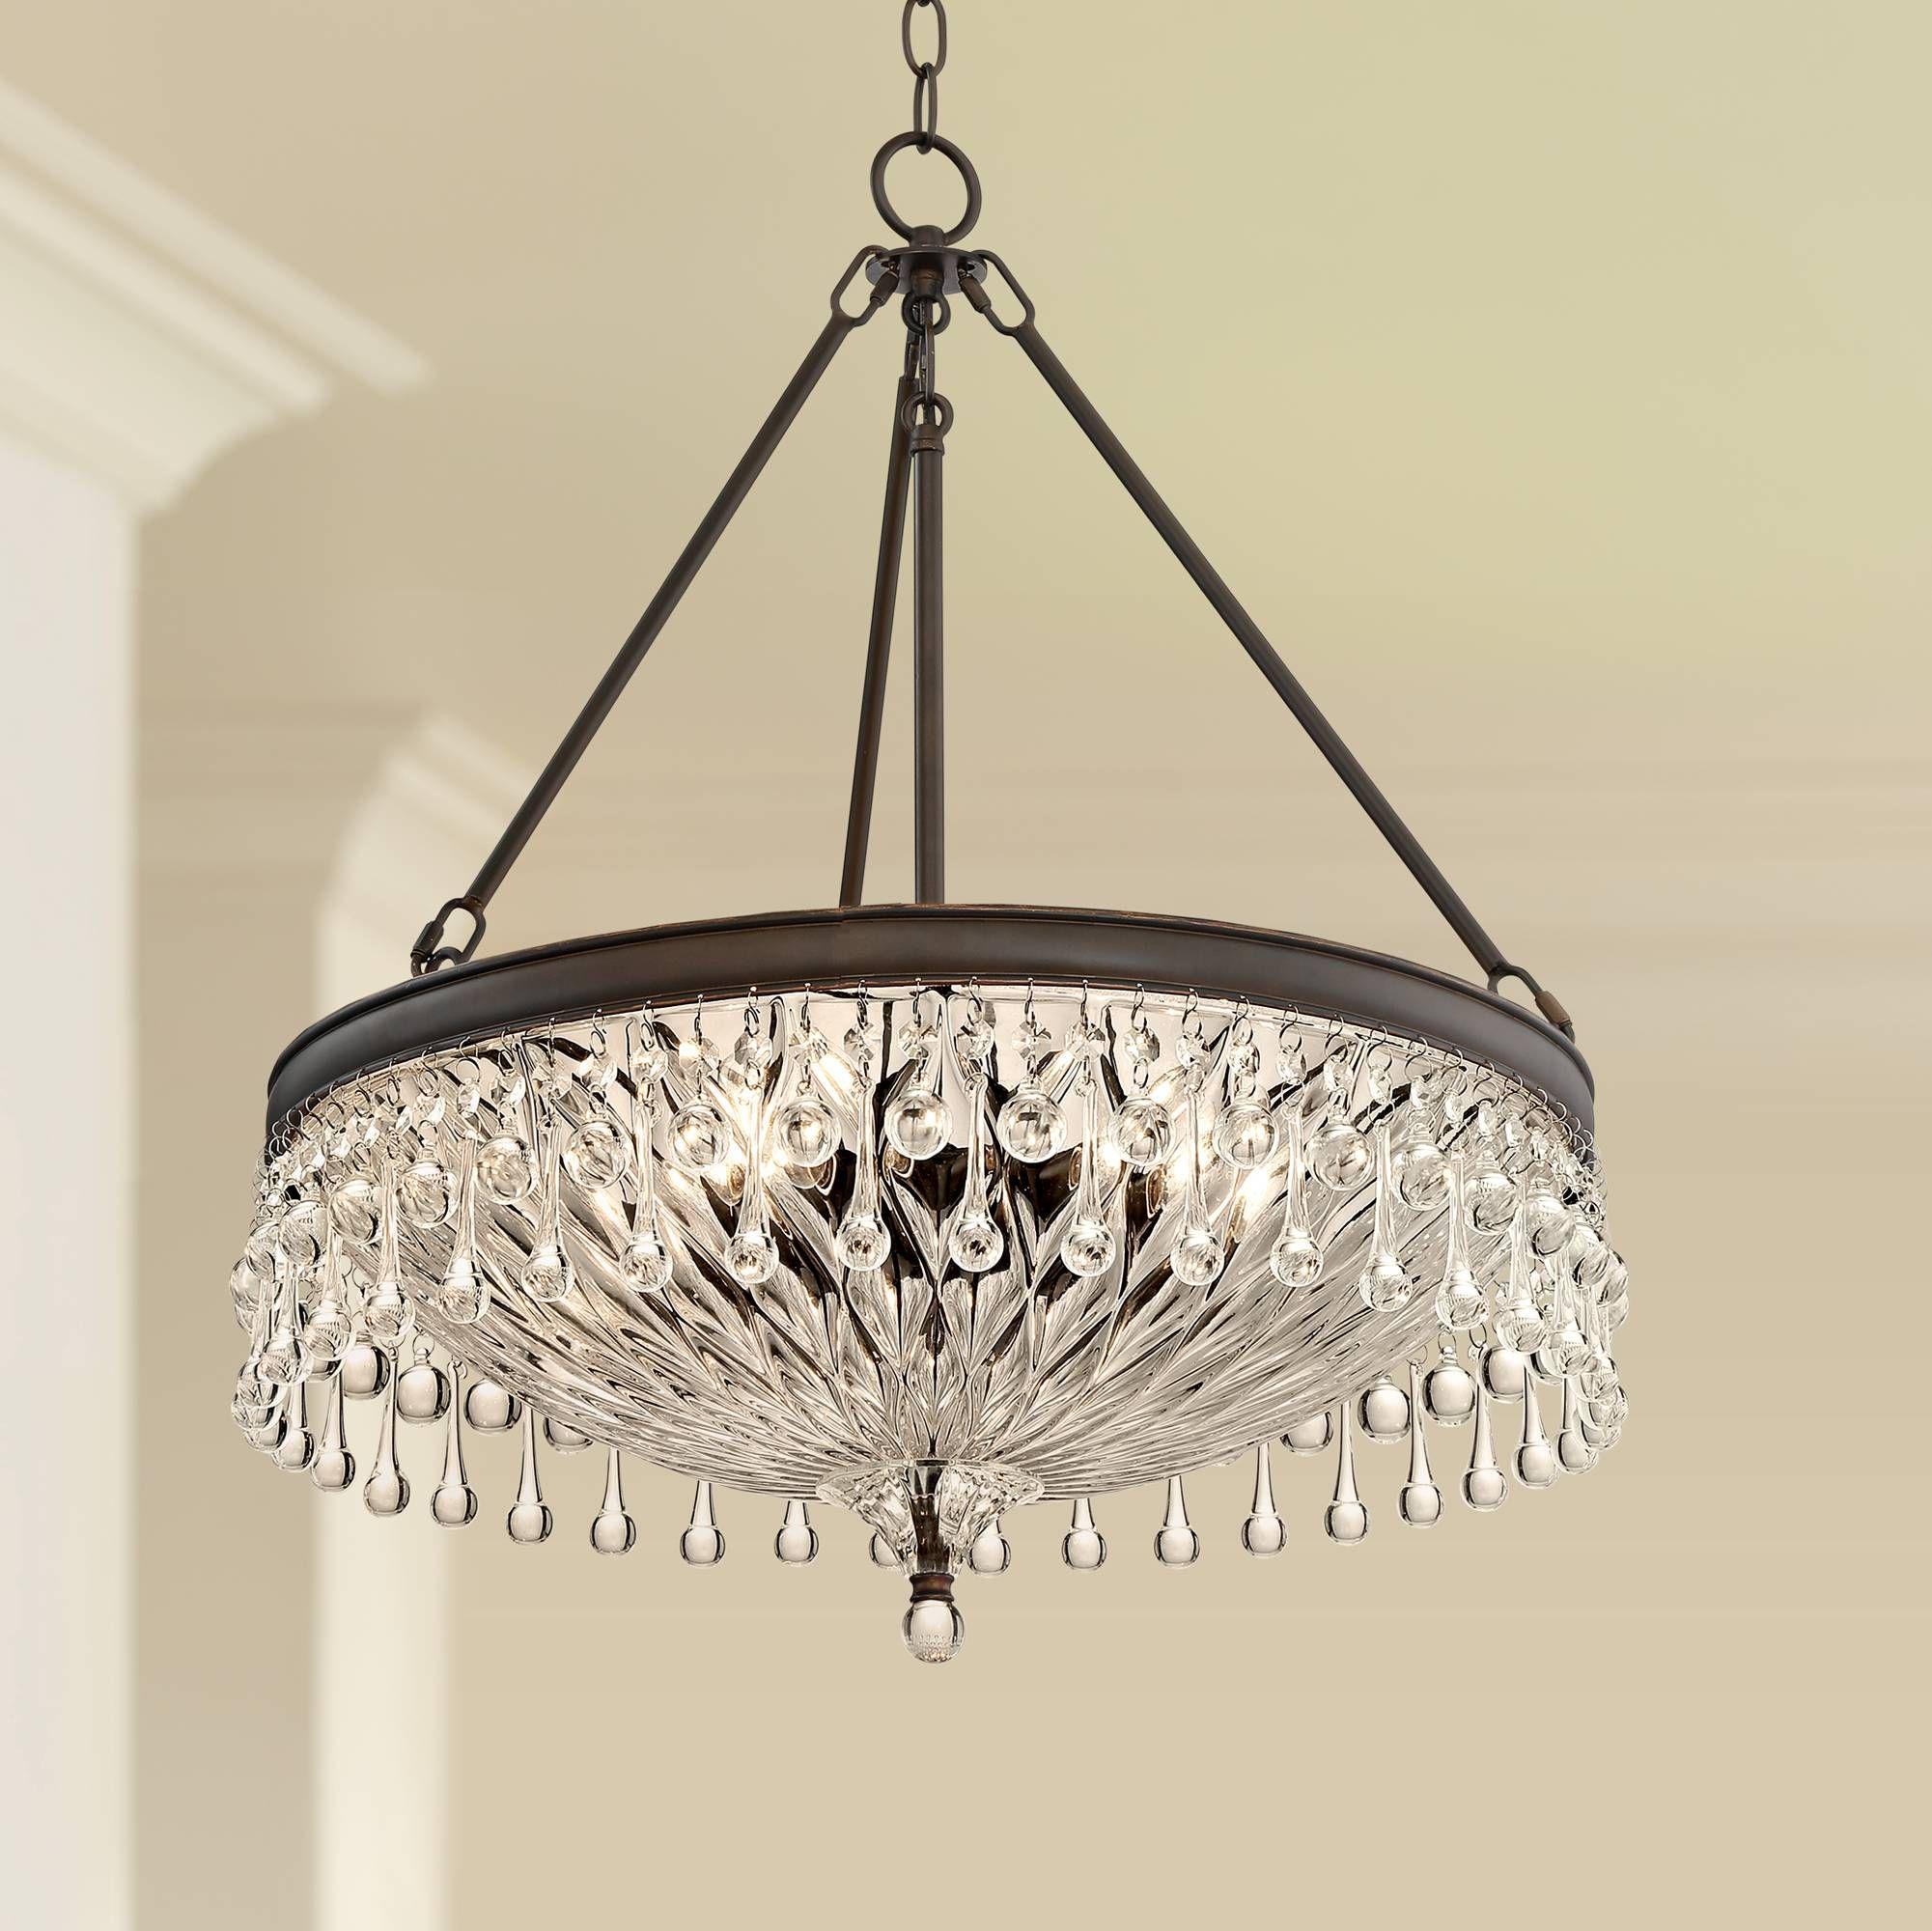 Macey 20 1 4 Wide Bronze Crystal Chandelier 15e92 Lamps Plus Bronze Chandelier Crystal Chandelier Chandelier Lighting Fixtures